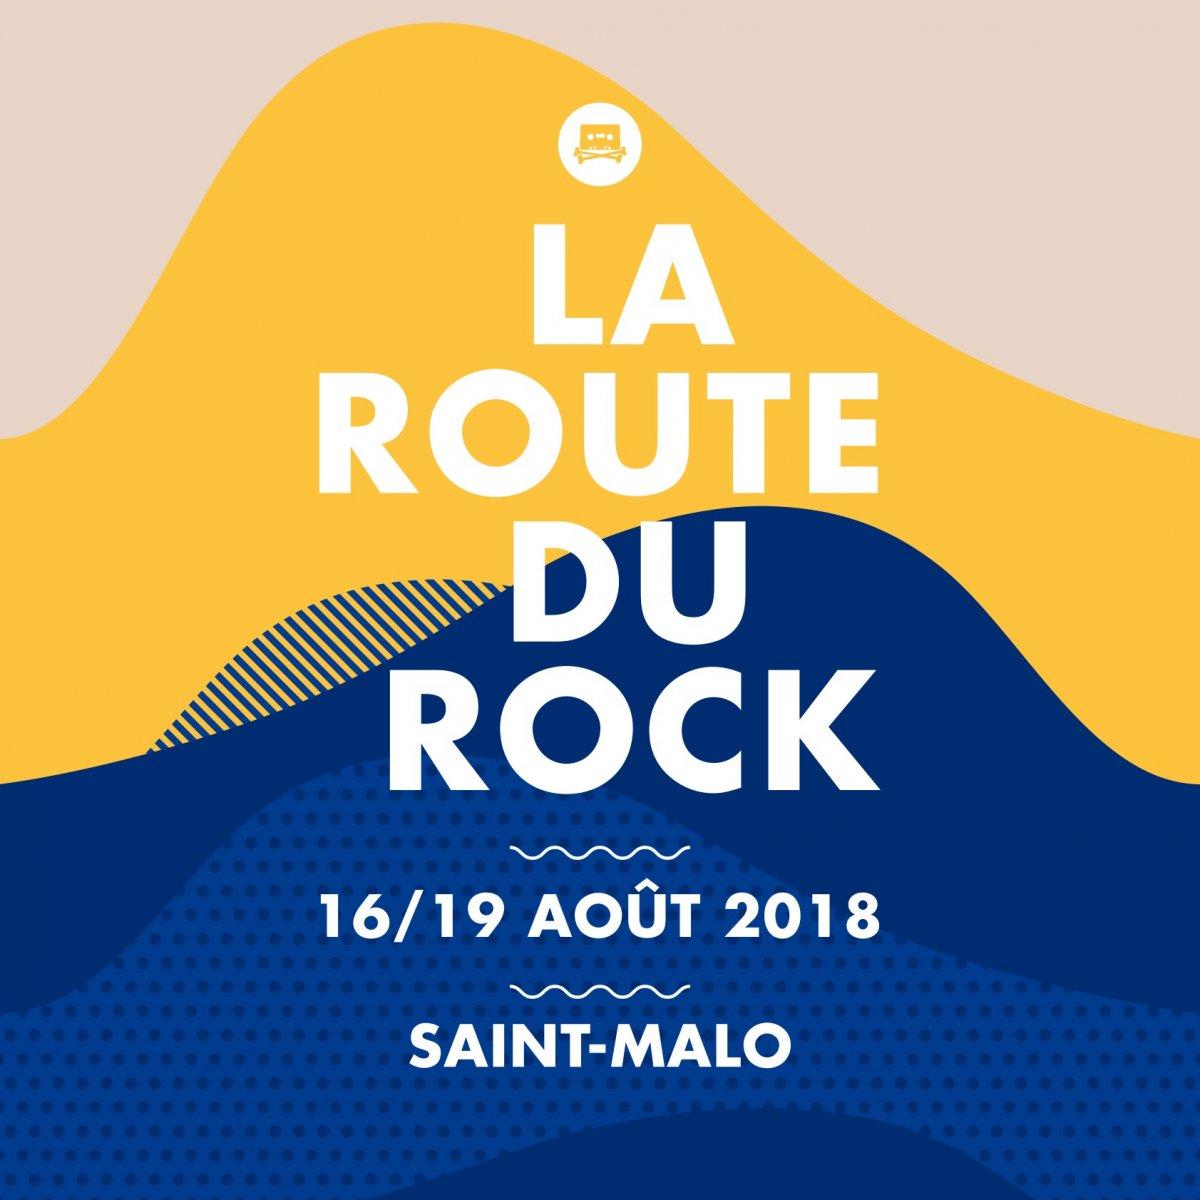 La Route Du Rock Edition 2018 Saint-Malo